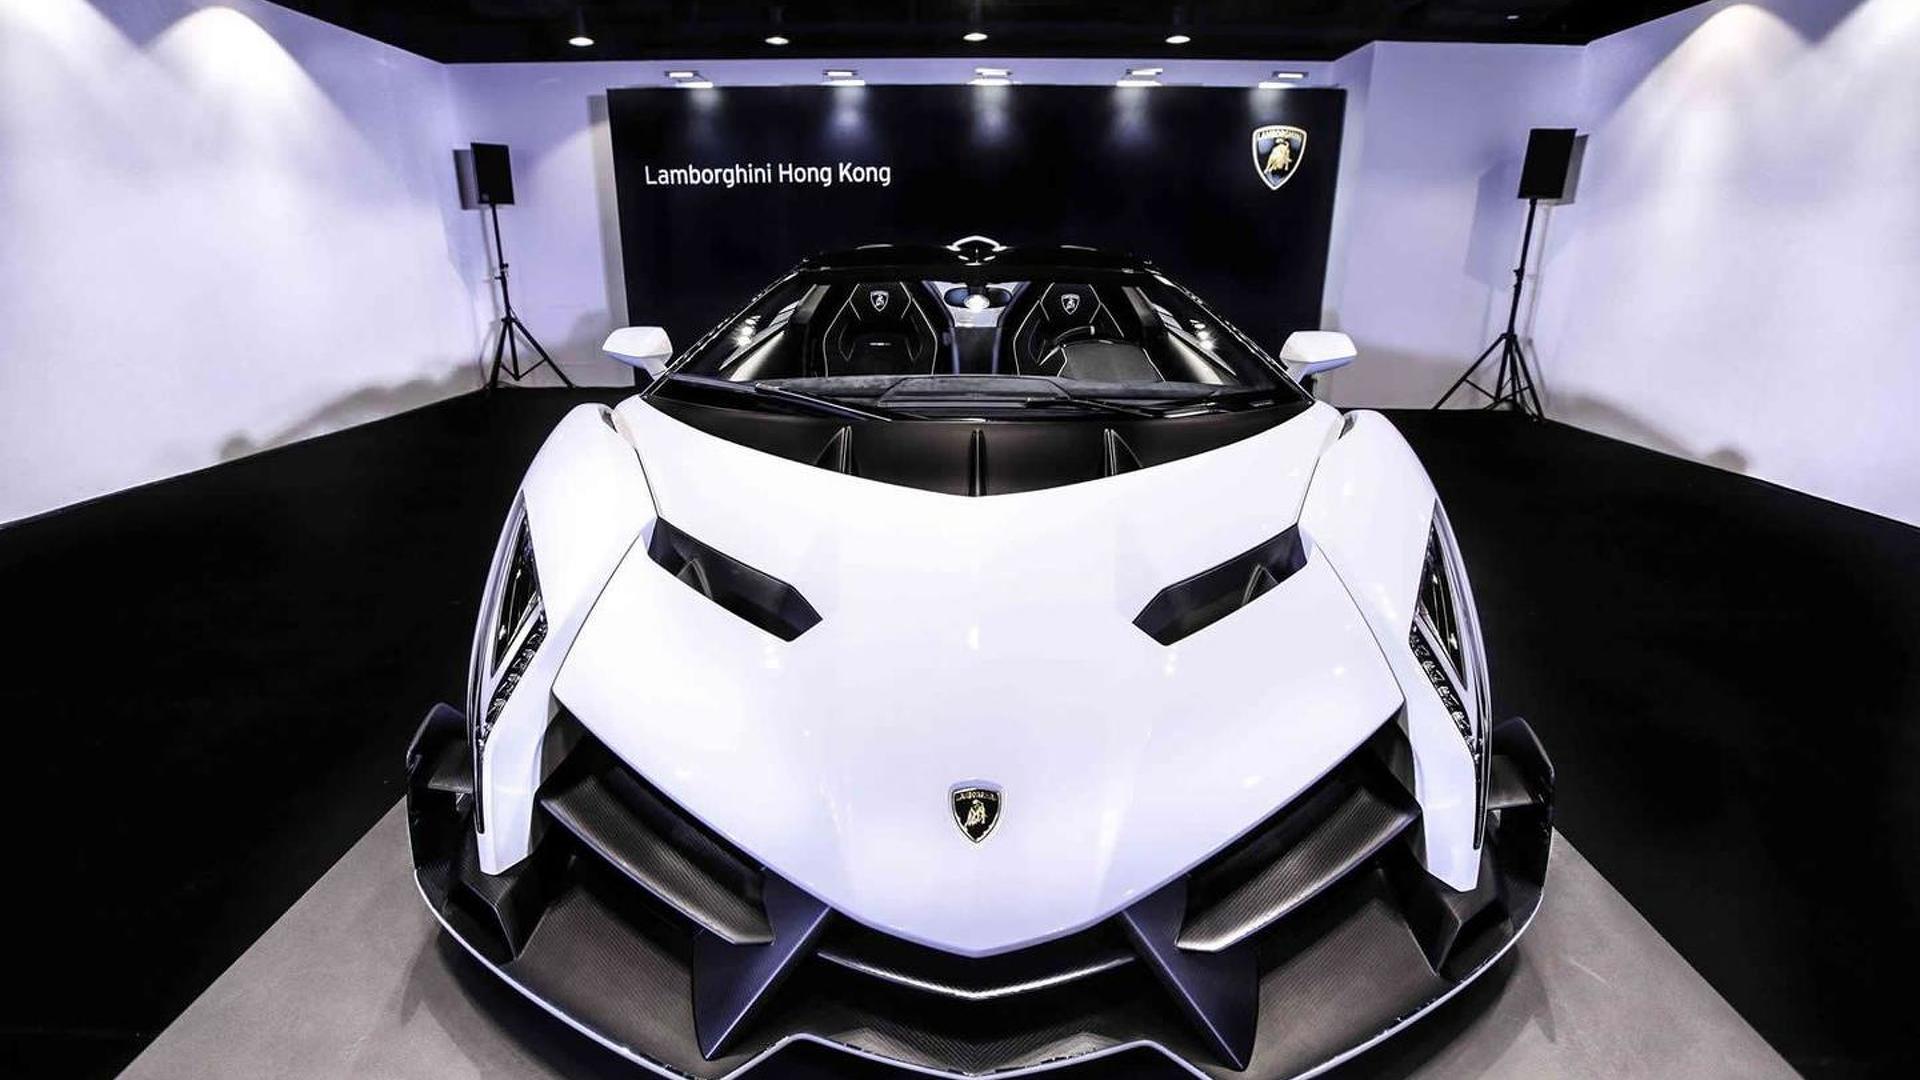 Lamborghini Centenario Lp770 4 Will Be The Ultimate Definition Of A